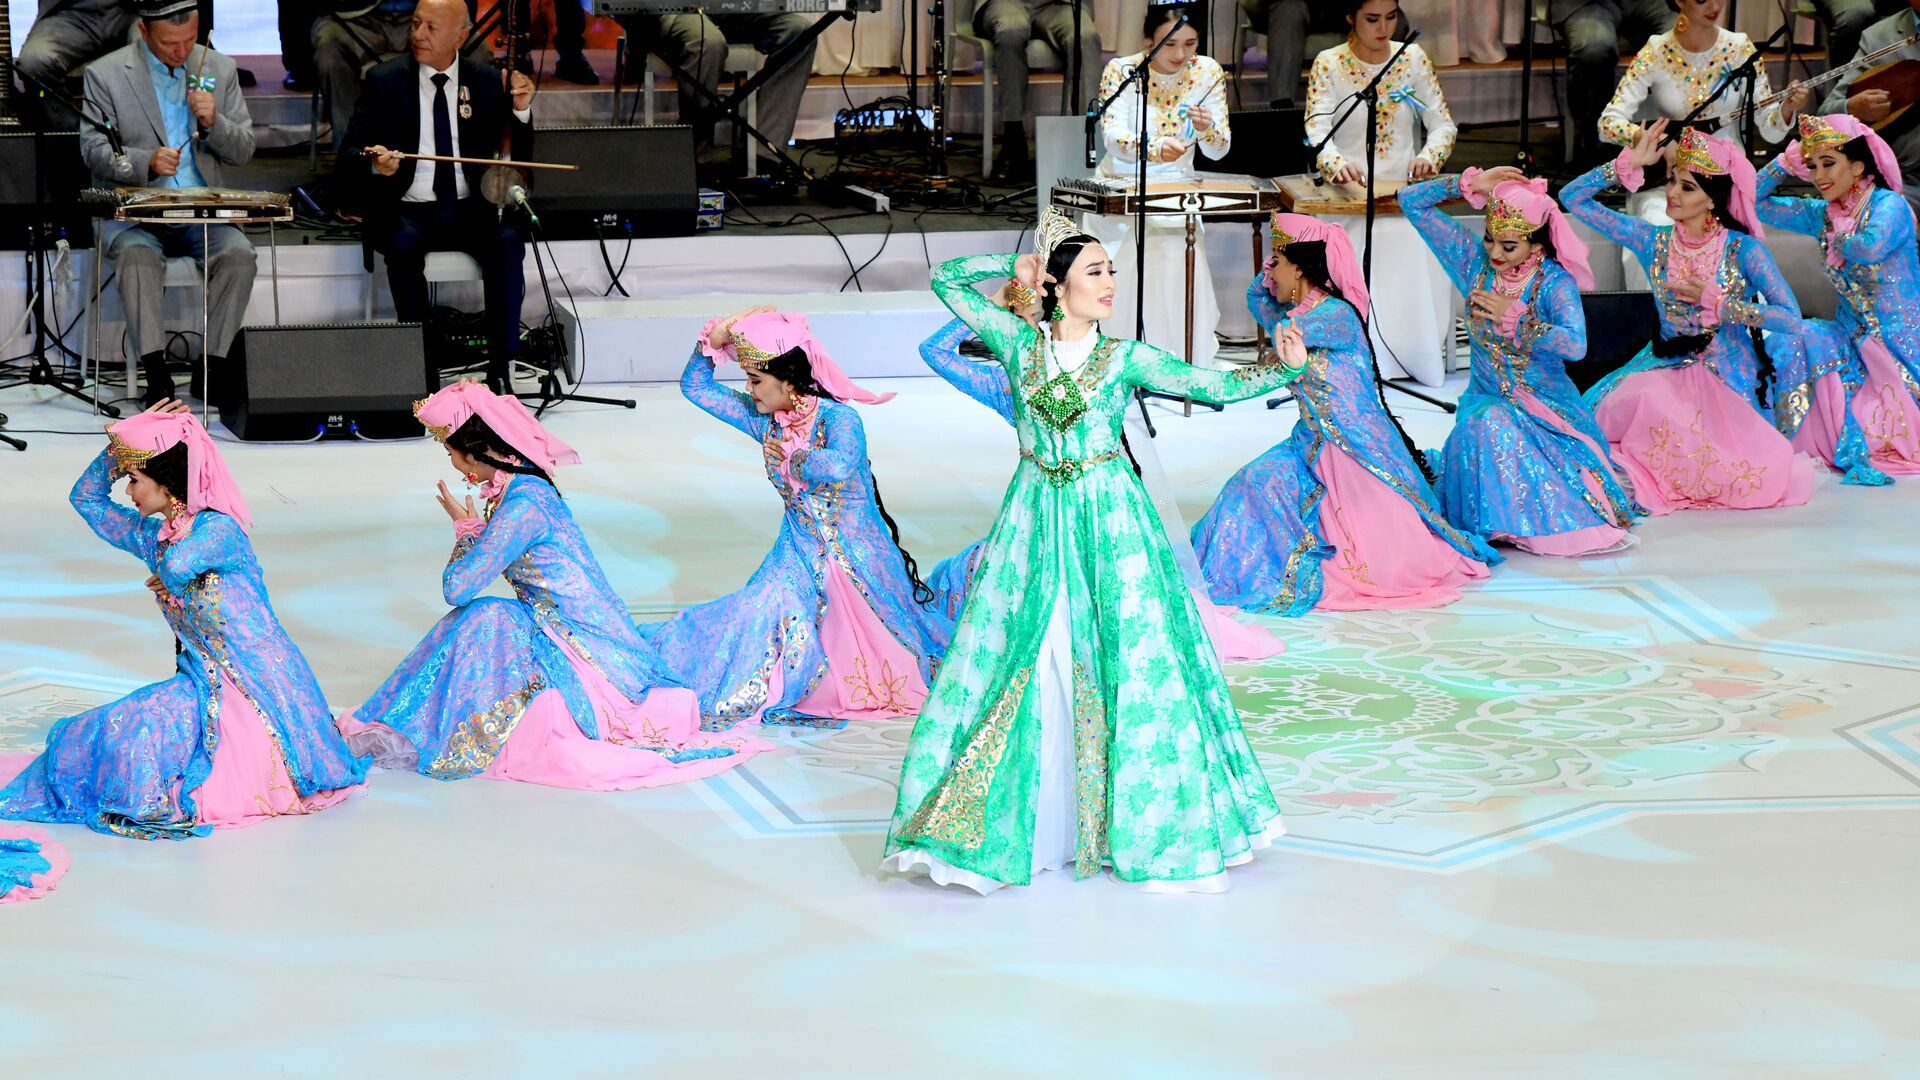 Национальные узбекские танцы на концерте в честь Дня независимости - Sputnik Узбекистан, 1920, 07.09.2021